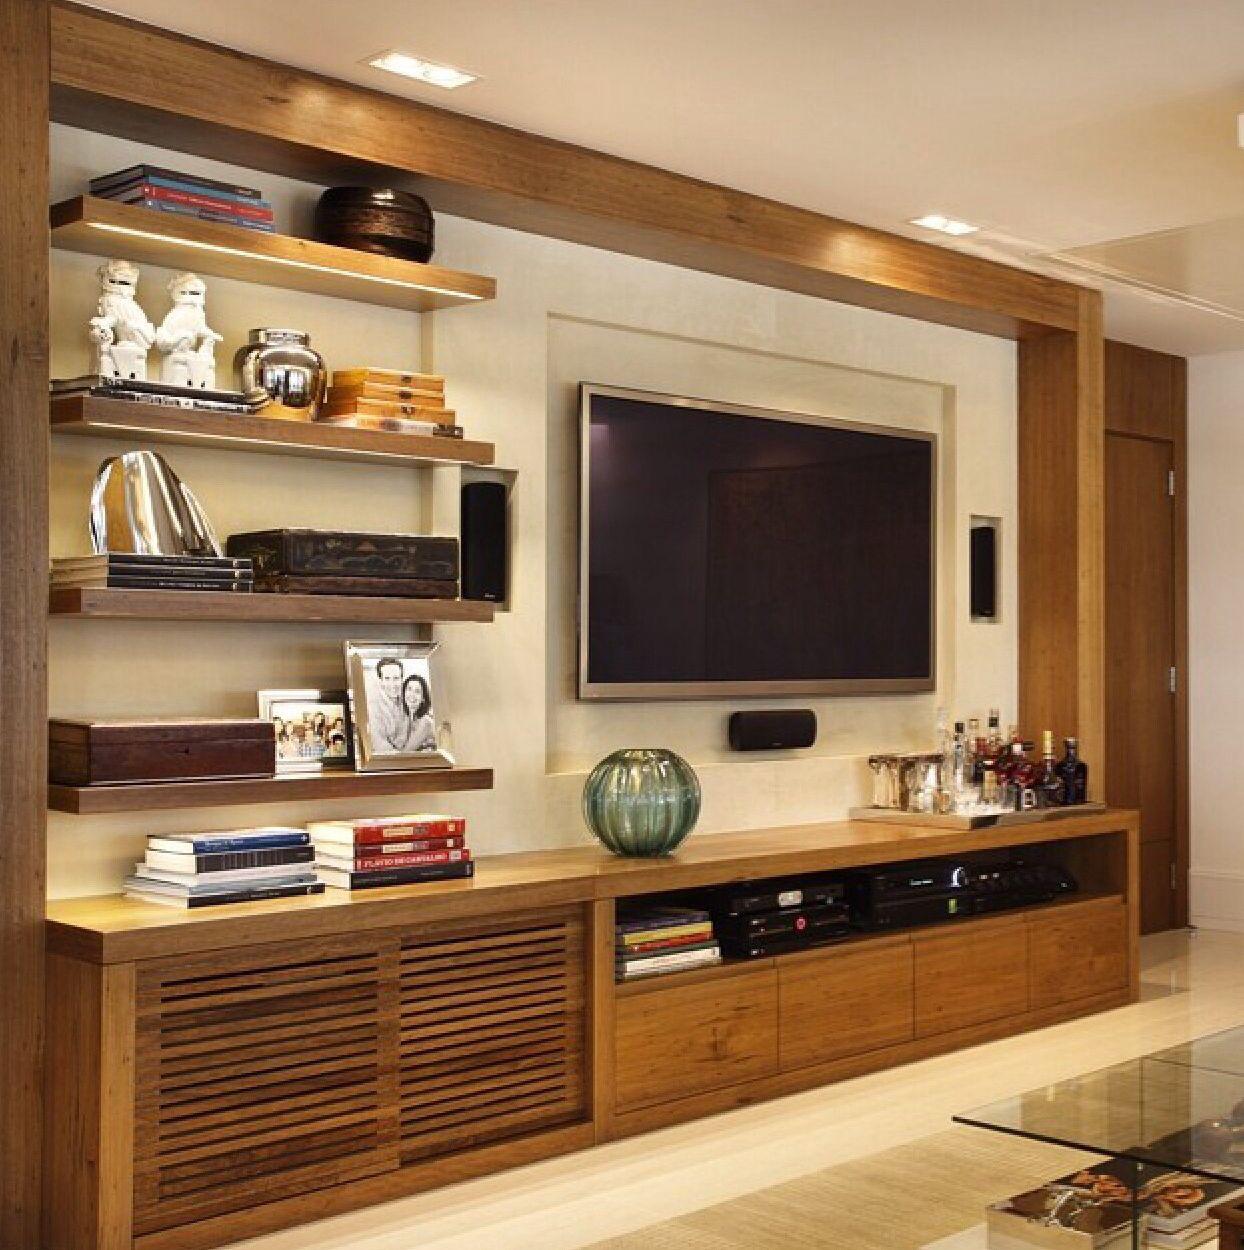 Tv Room 2 Gavetaues E Arm Para Louassa Alacm De Prateleiras Para Decor